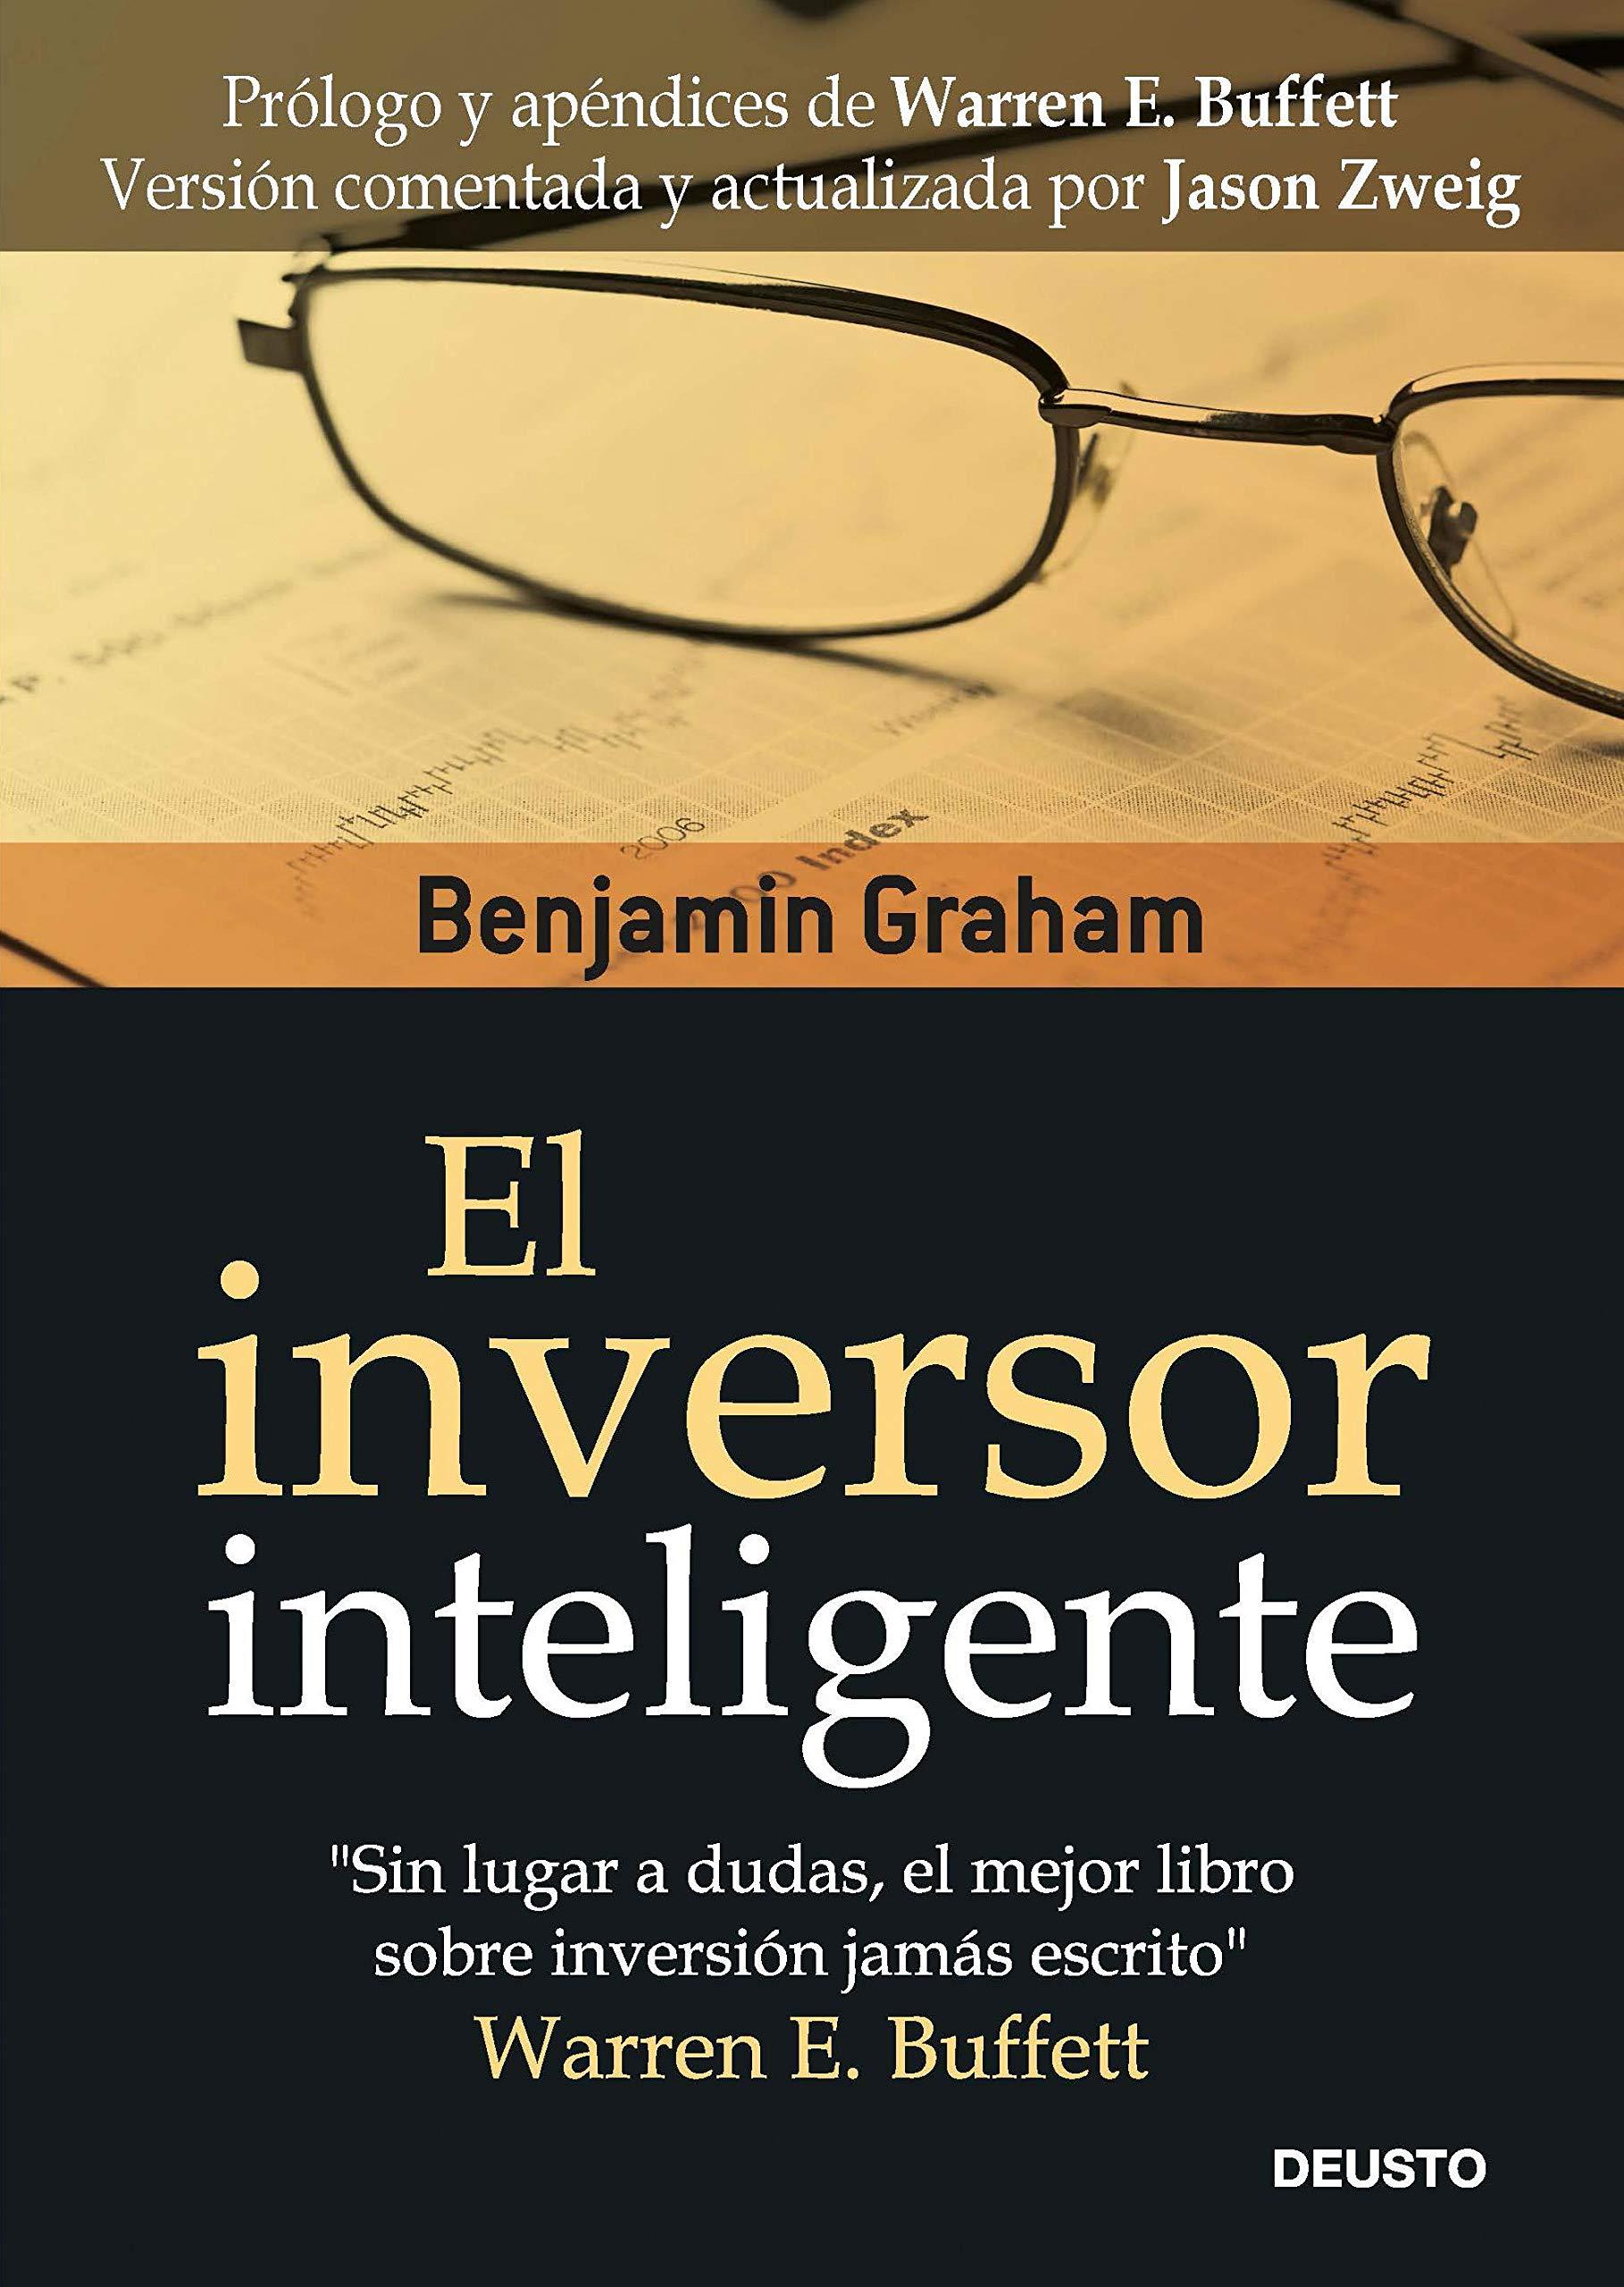 Resumen de el inversor inteligente de Benjamin Graham